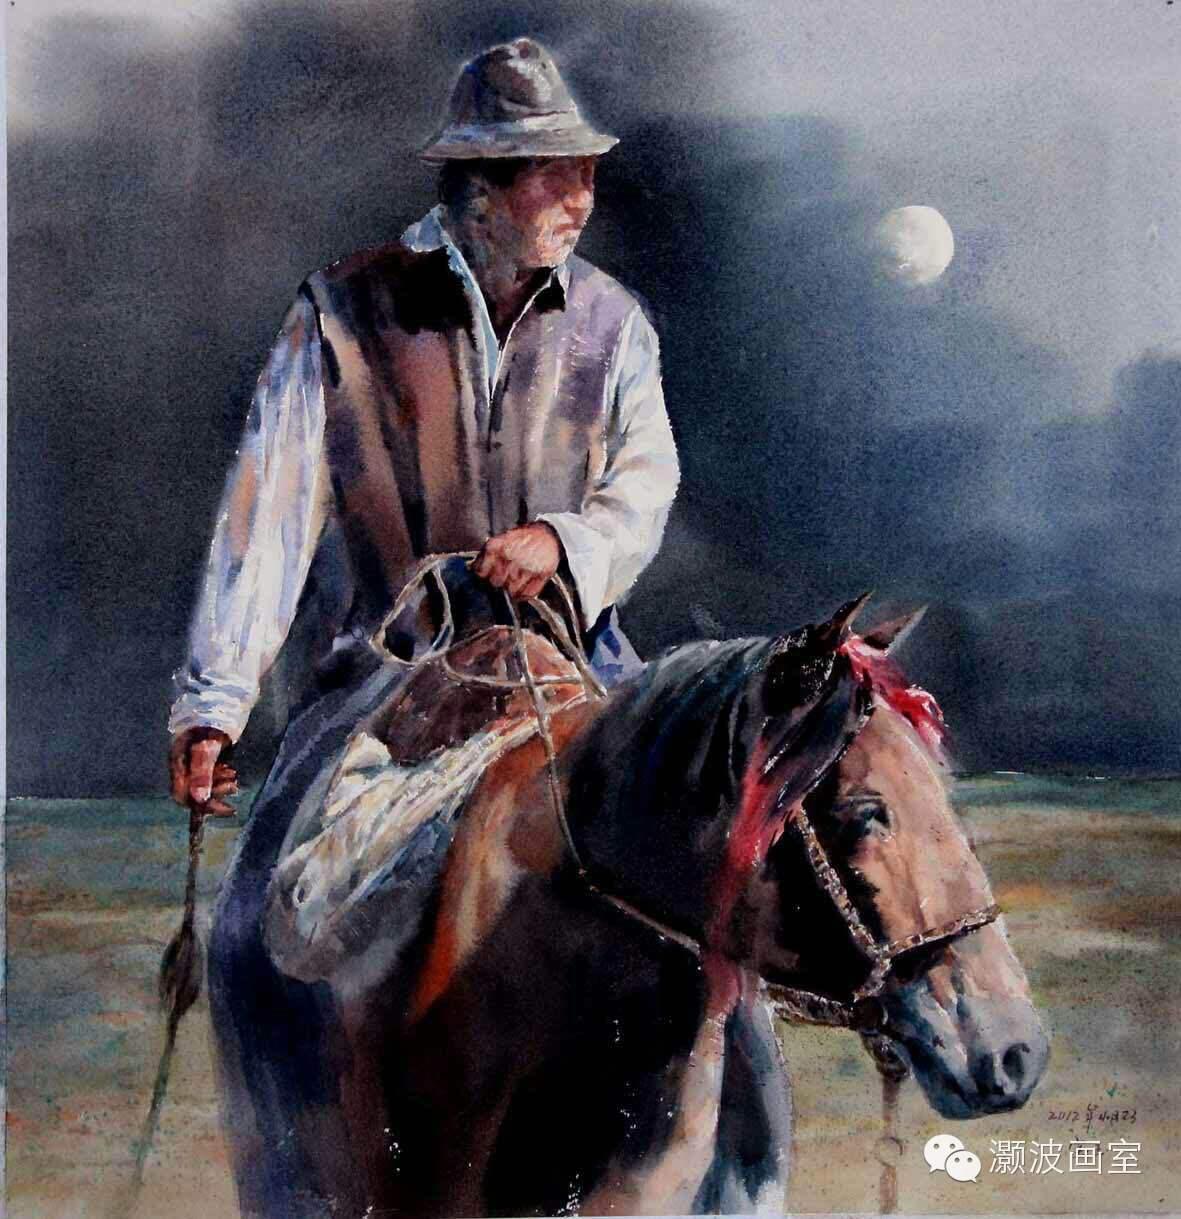 著名蒙古族青年水彩画家宝玉作品欣赏 第7张 著名蒙古族青年水彩画家宝玉作品欣赏 蒙古画廊